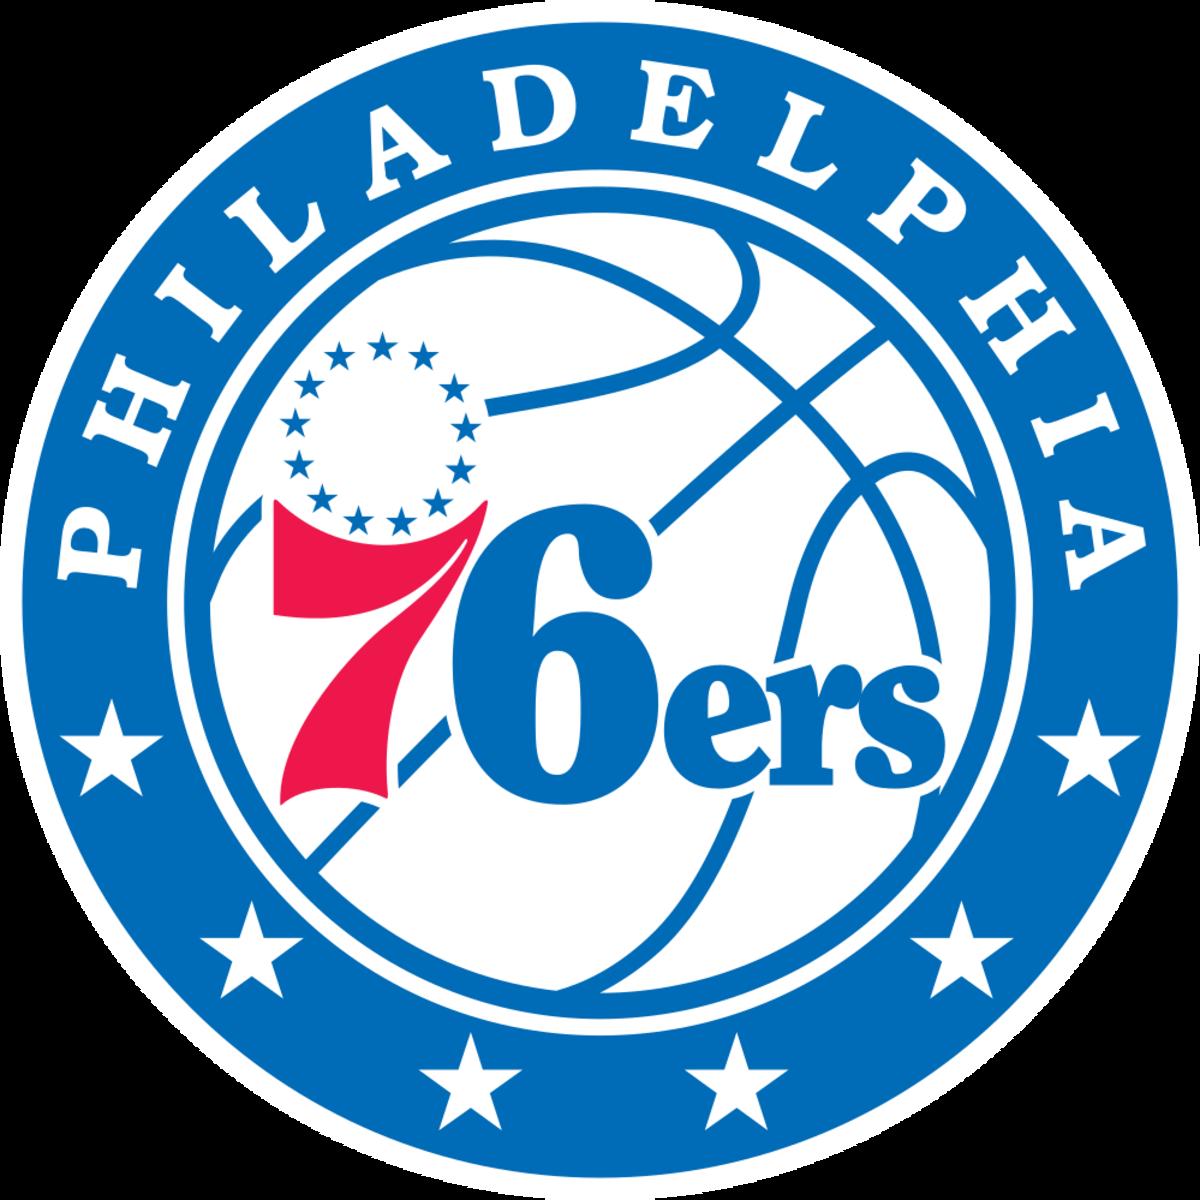 Philadelphia_76ers_logo.svg